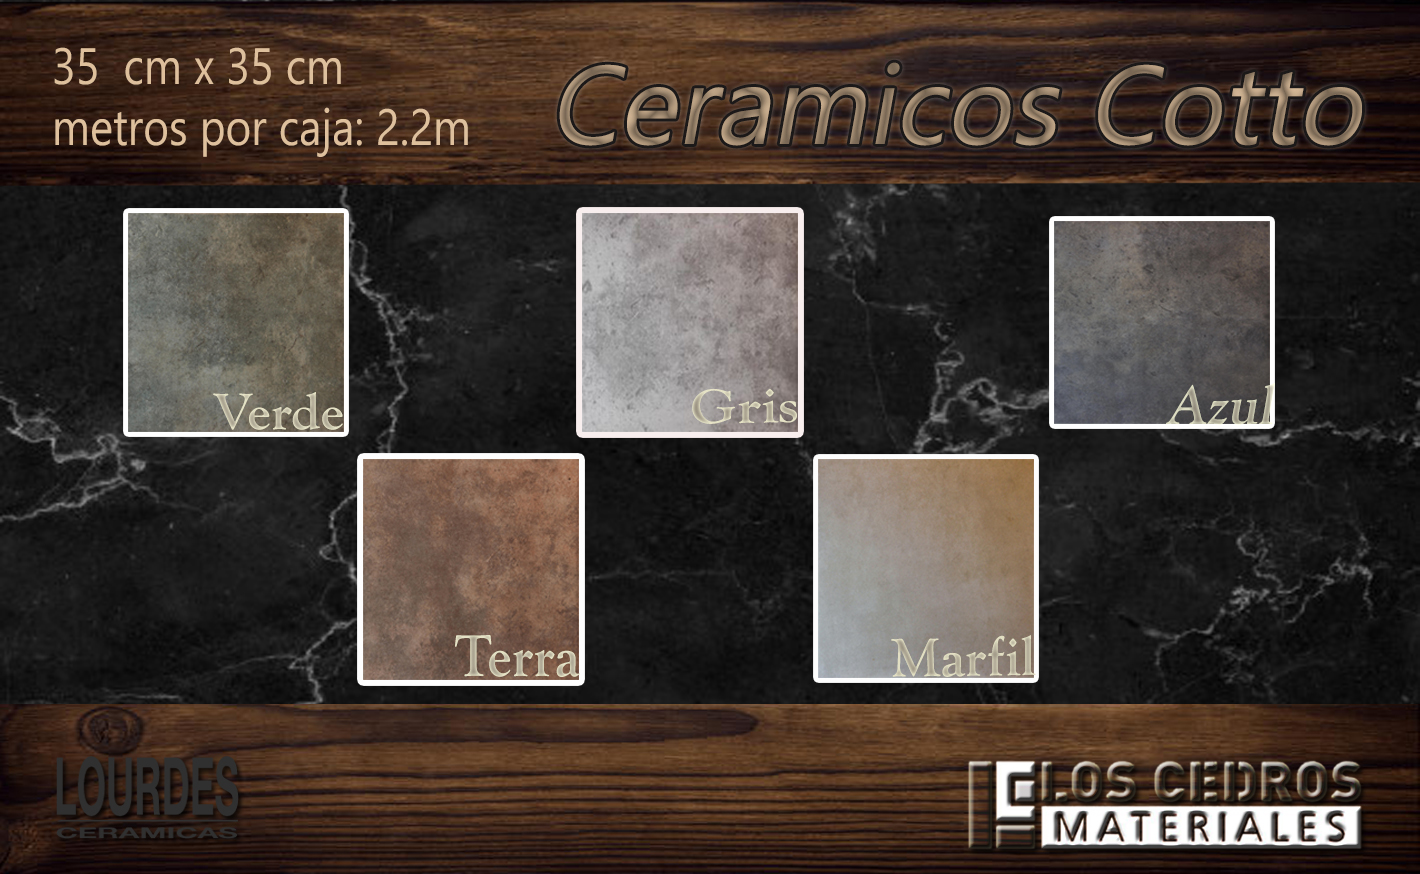 ceramicos cotto